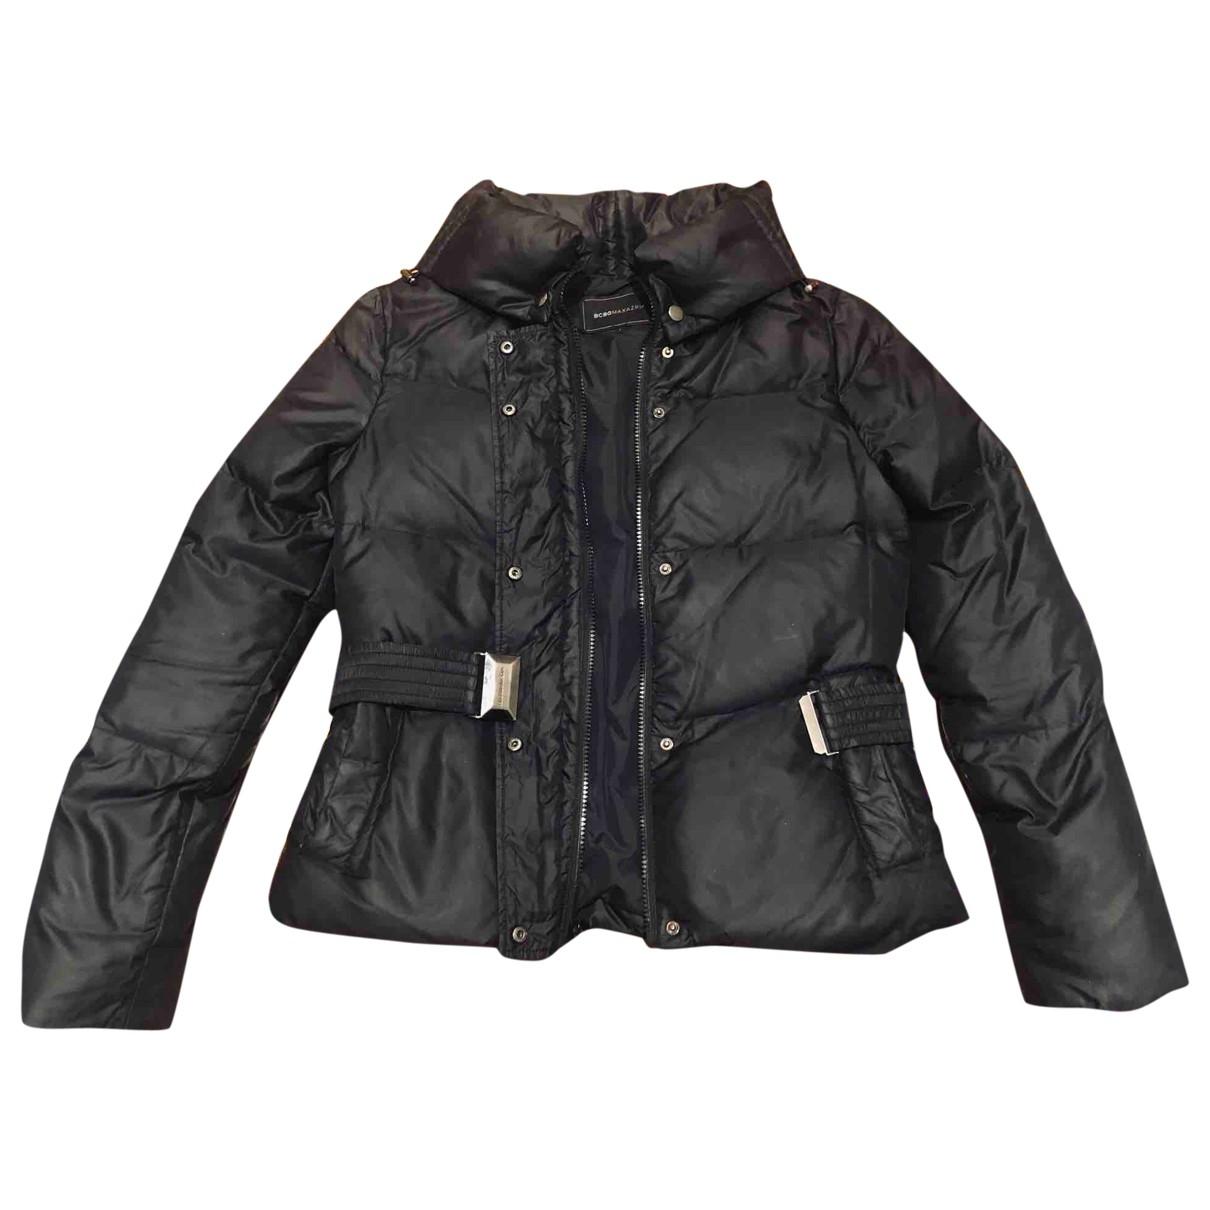 Bcbg Max Azria \N Black coat for Women S International